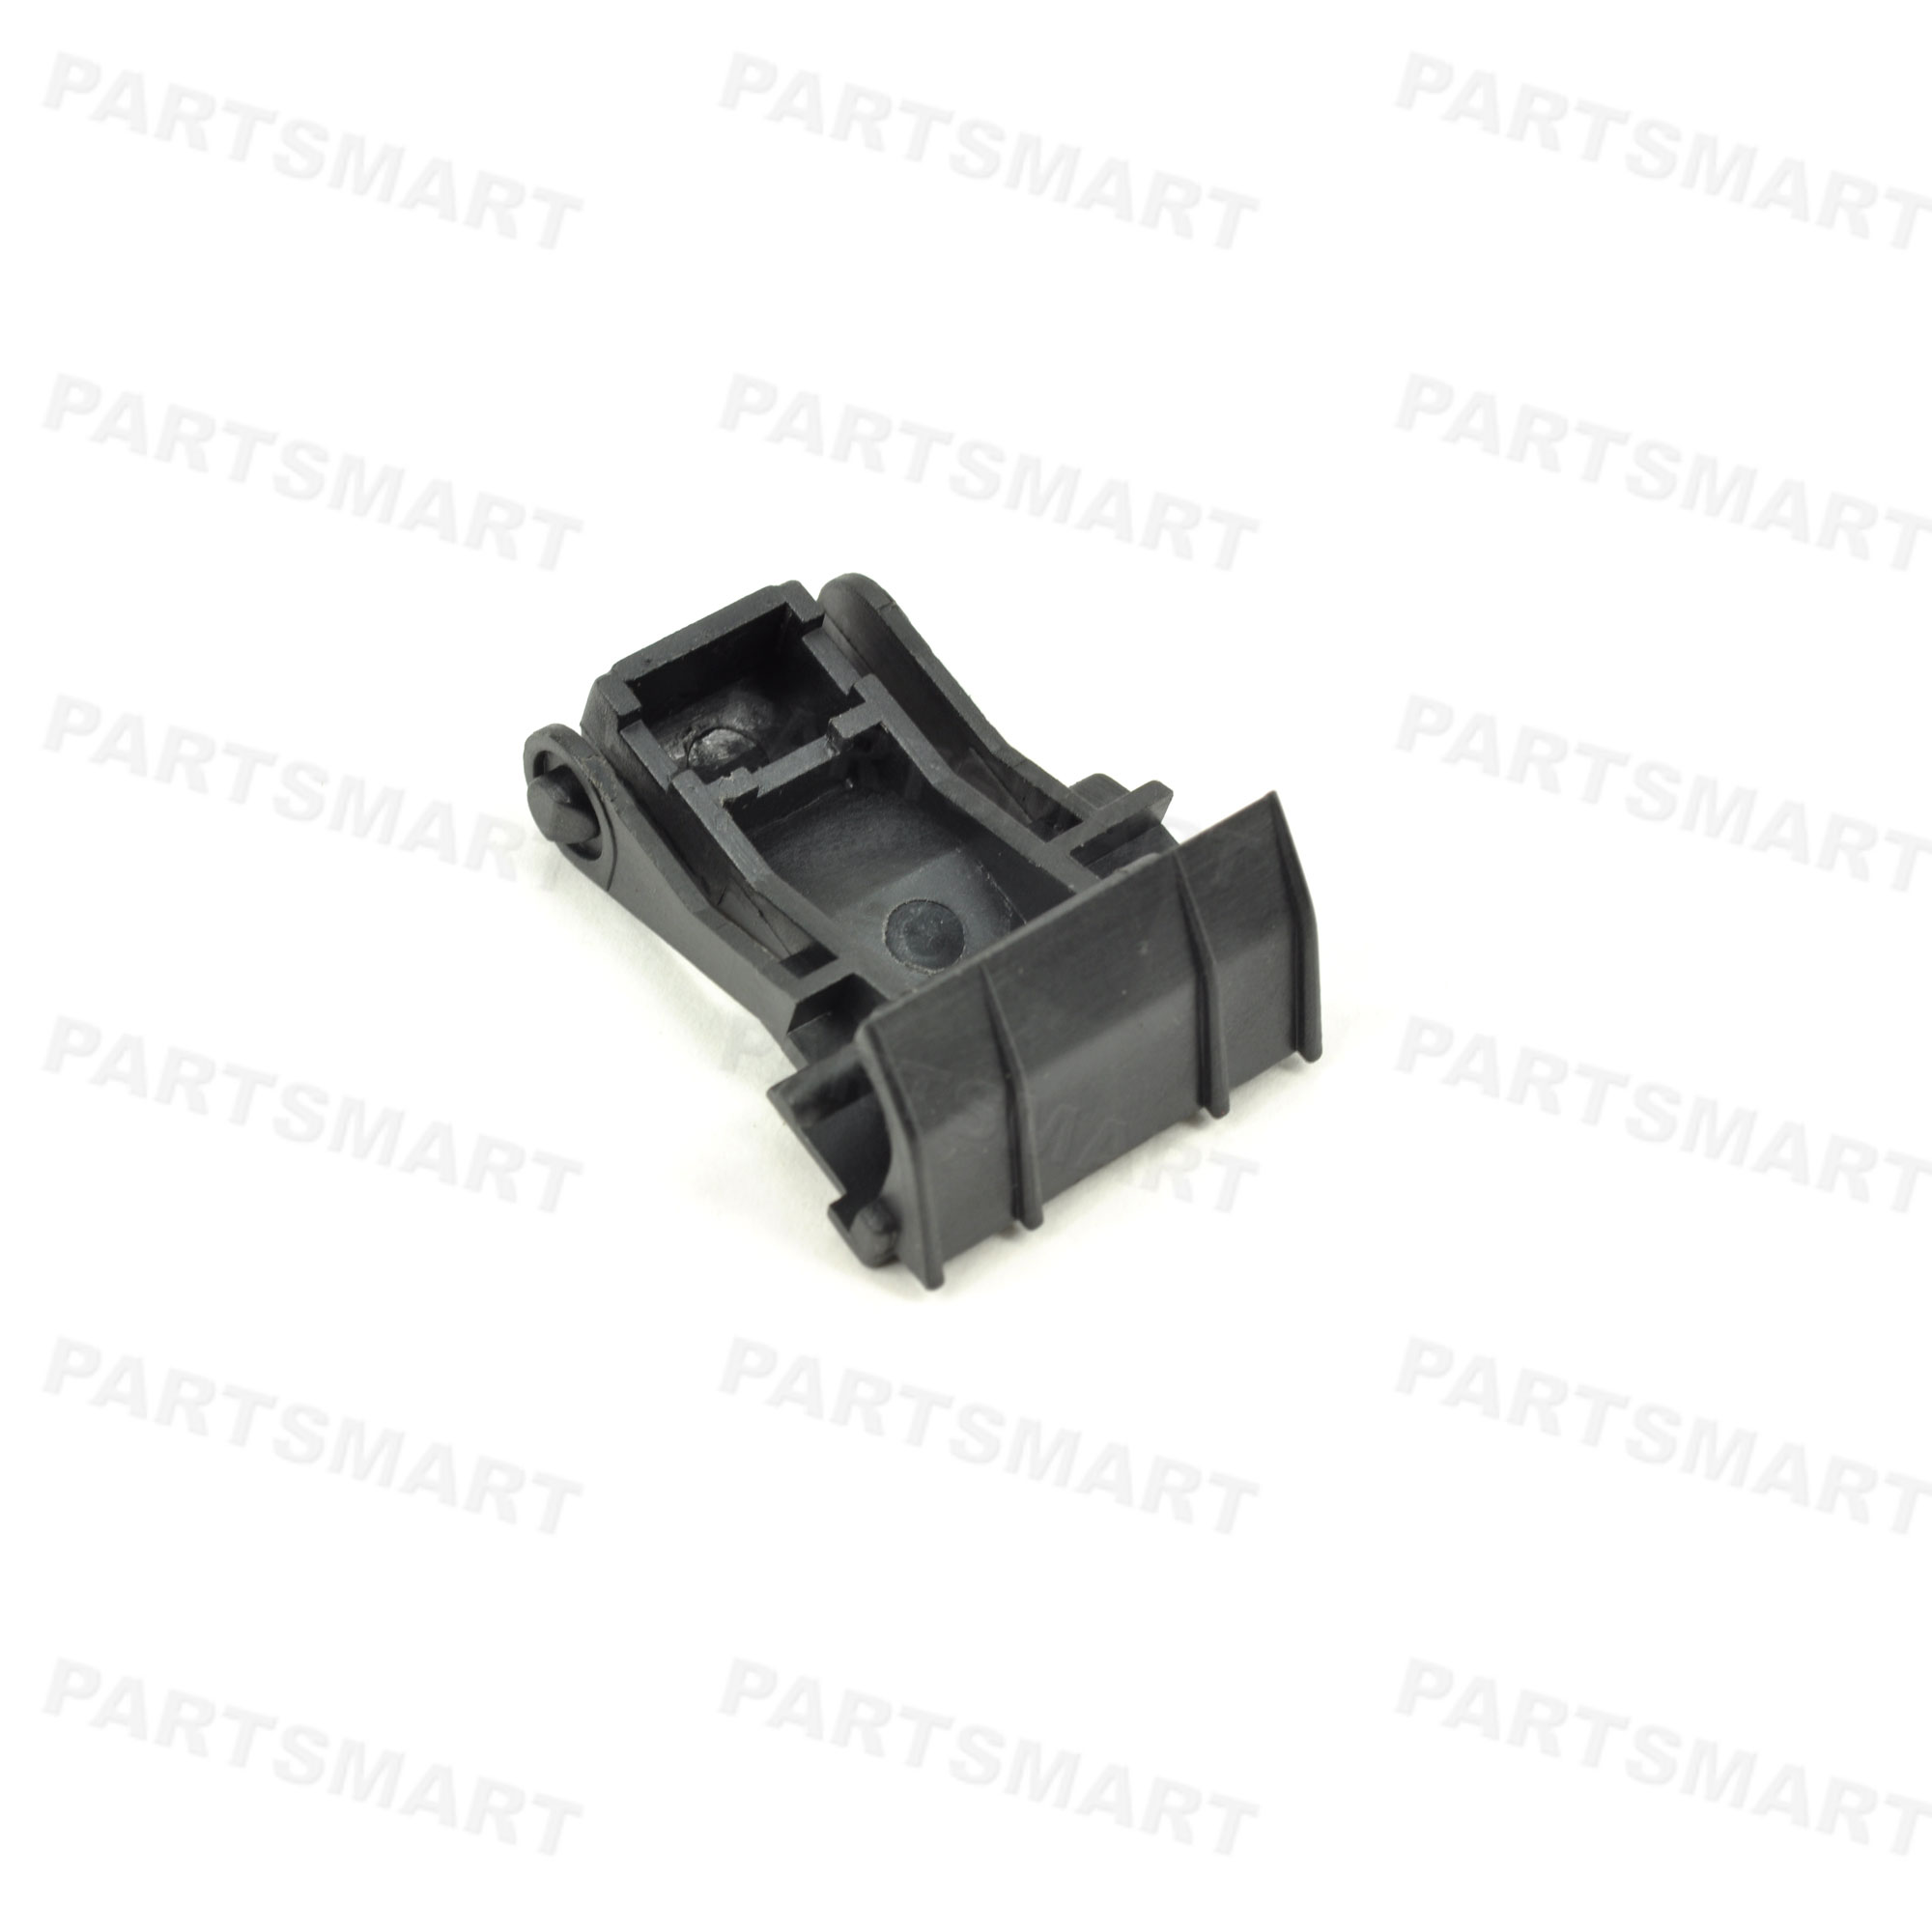 rb2 3532 000 guide separation for hp laserjet 8100 price 2 34 rh secure partsmart corp com HP Laser Printer HP Color LaserJet